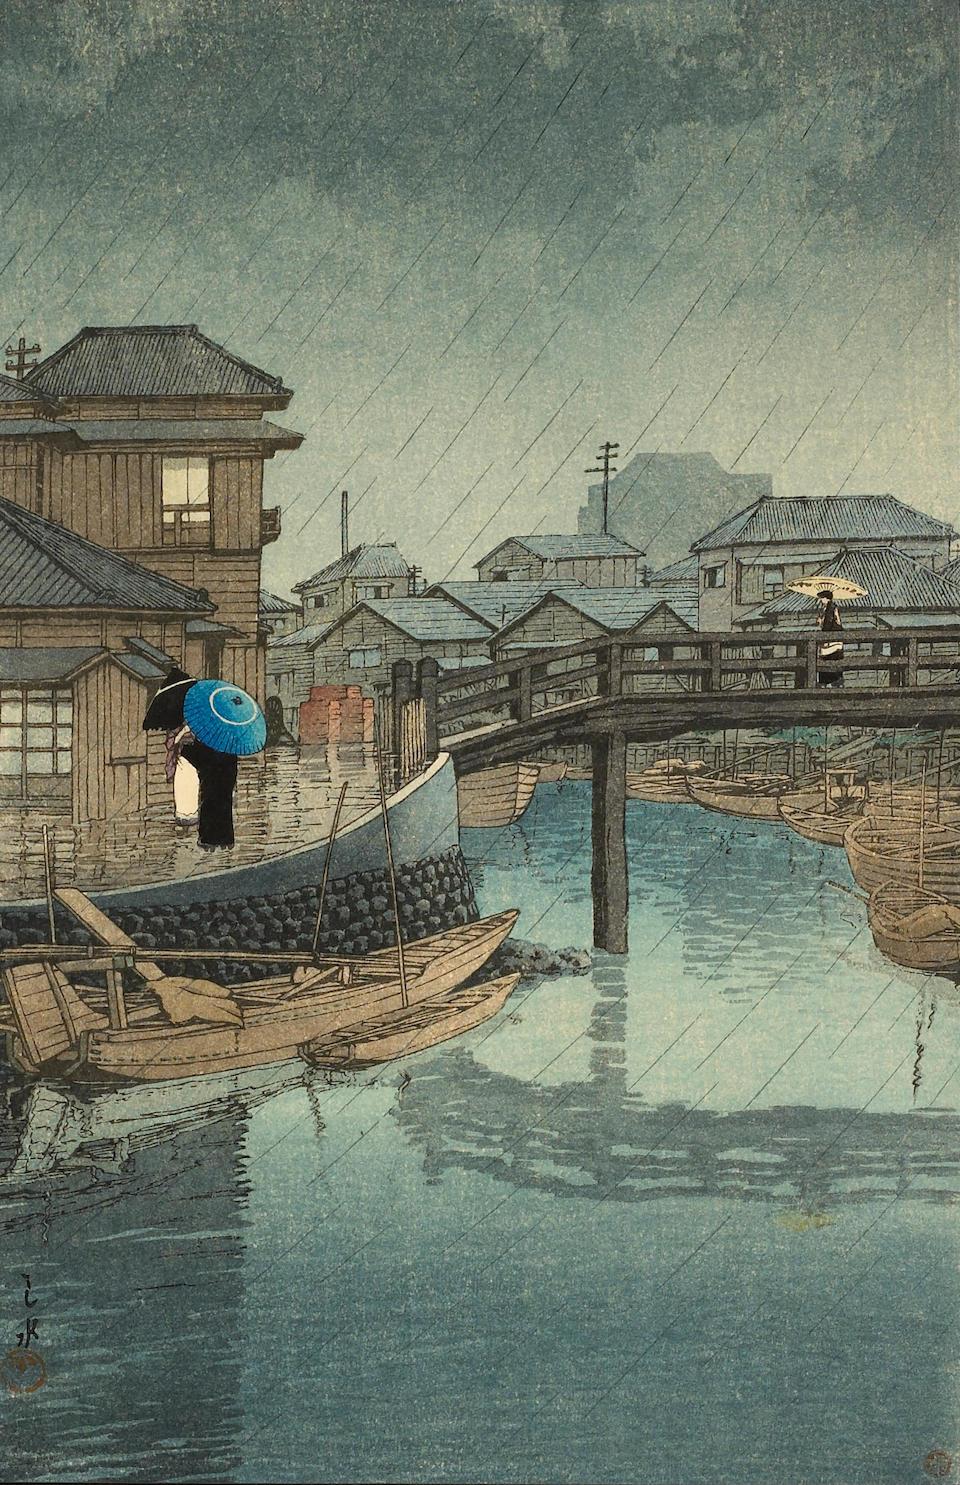 Bonhams : Kawase Hasui (1883-1957) Shinto Shrine of Kasuga at Nara